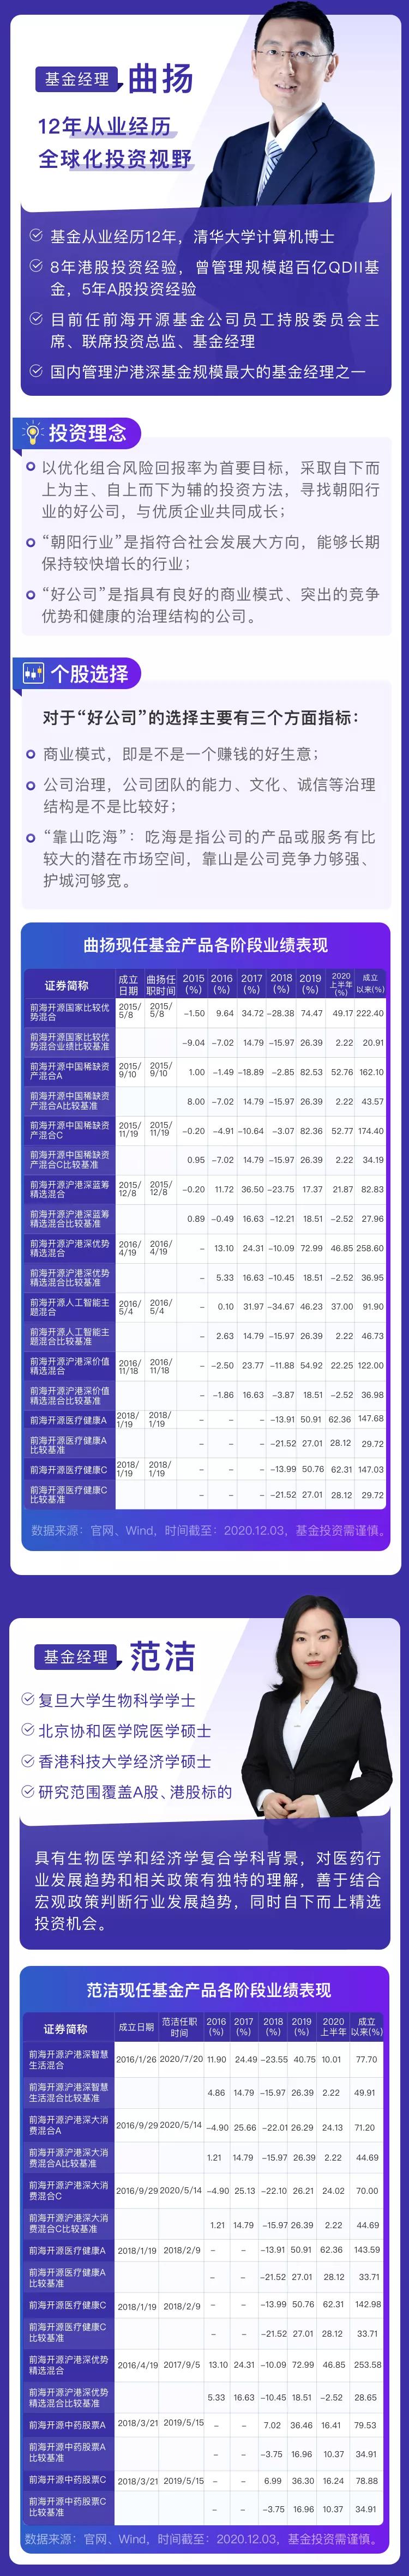 市场周评20210111